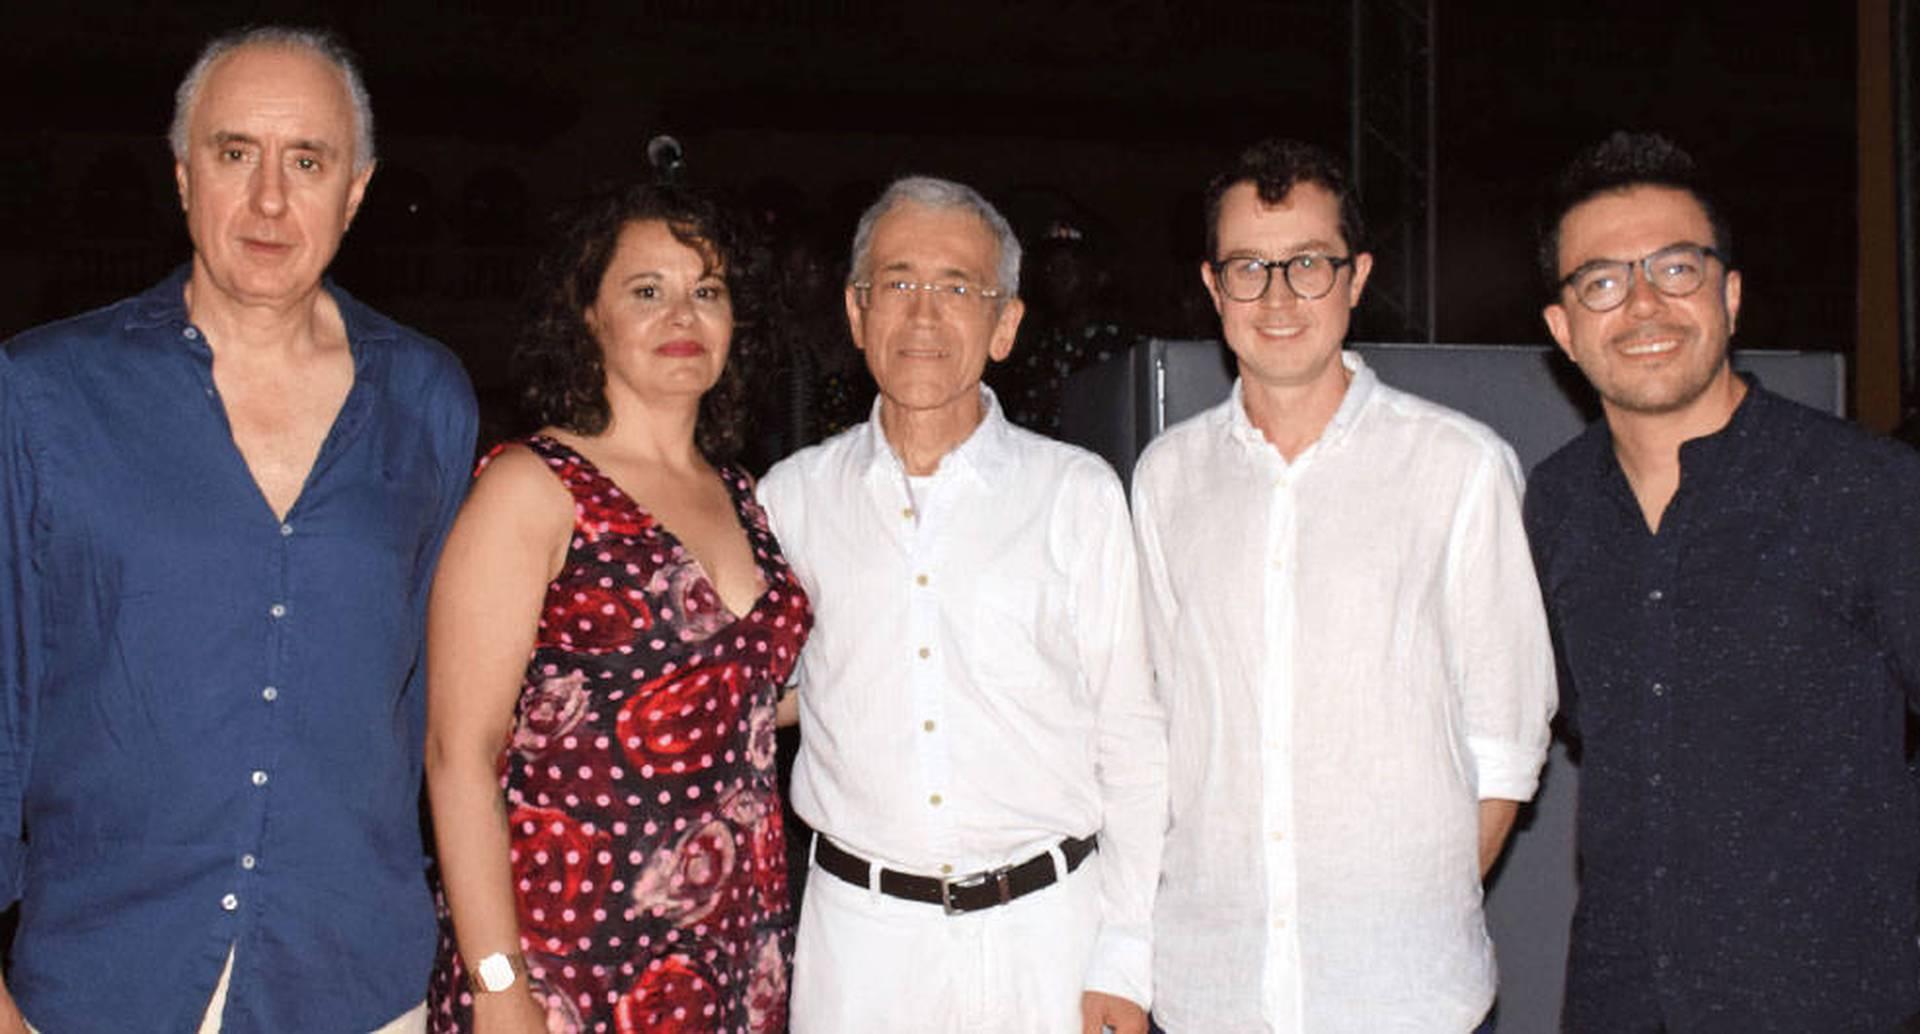 Pablo Gómez de Olea, María Camila Moreno, Francisco de Roux, Adam Forbes y Camilo Jiménez Santofimio.